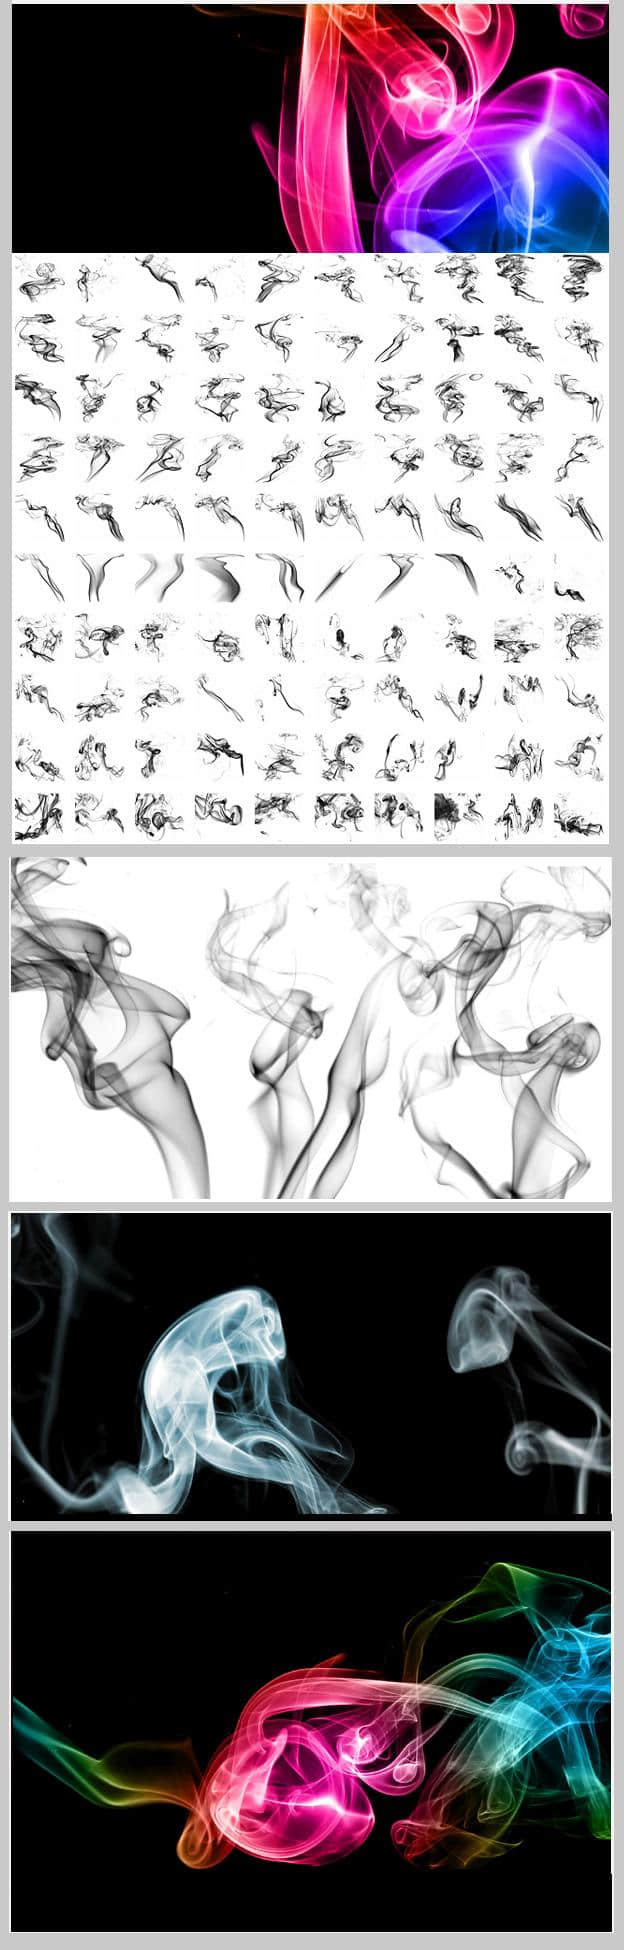 高清1250PX多种烟雾素材photoshop笔刷 香烟笔刷 燃烧笔刷 烟雾笔刷 火灾笔刷  flame brushes